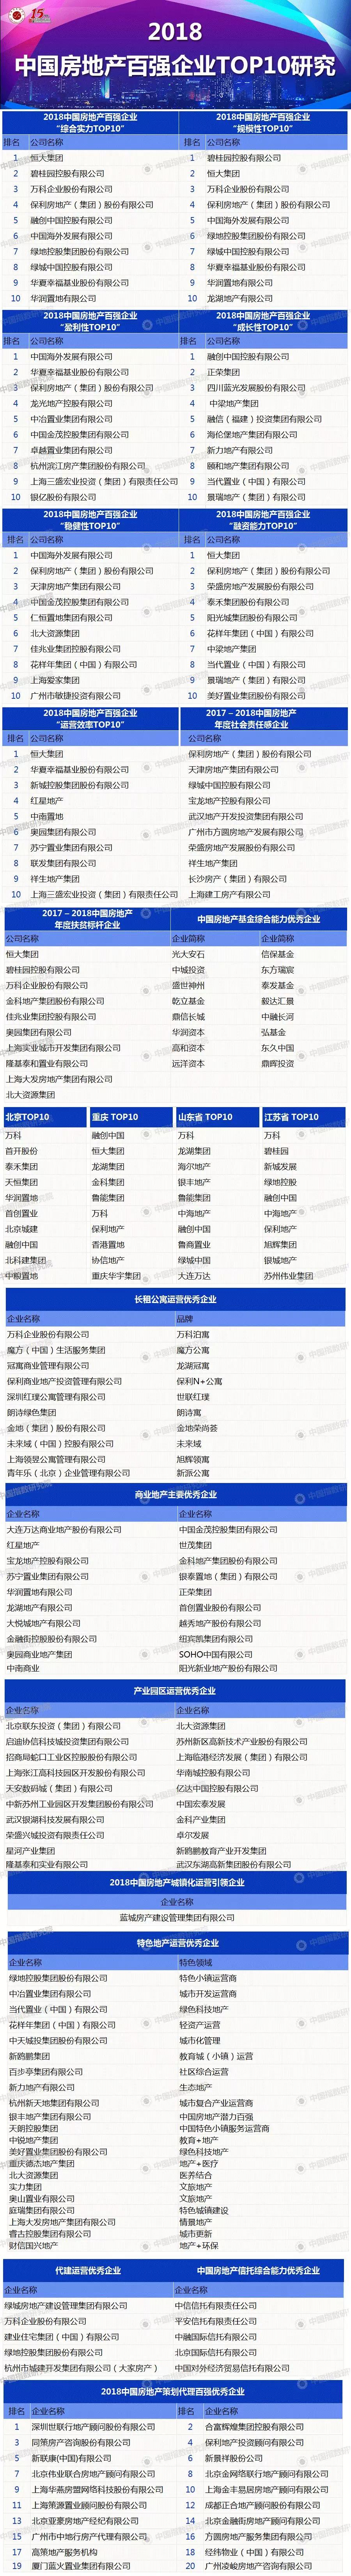 房地产圈都看过来!2018中国房地产百强企业名单揭晓!